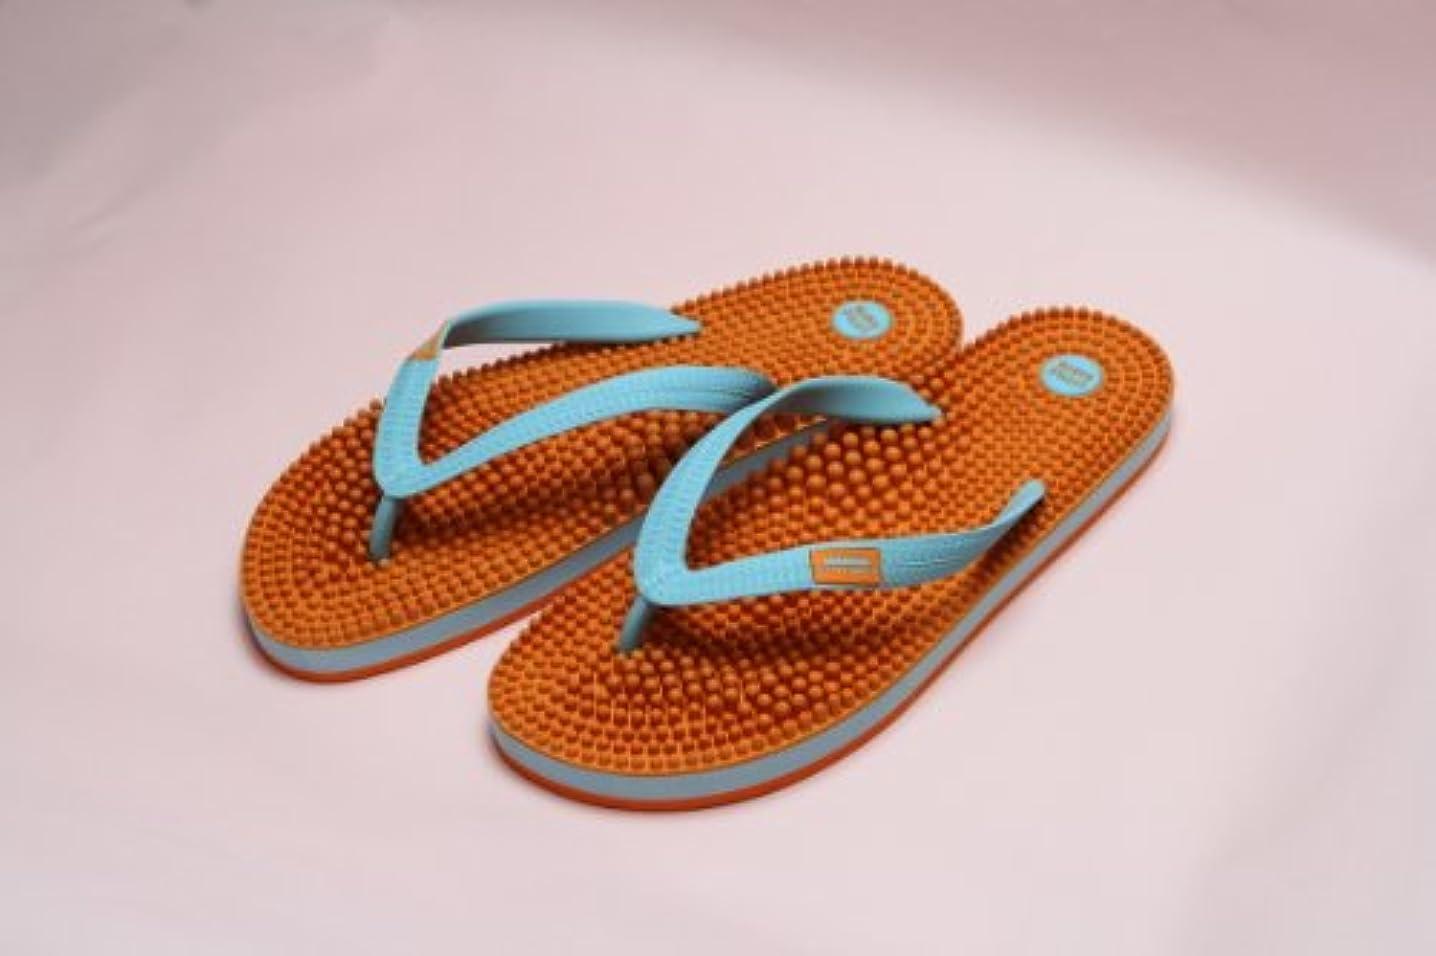 着る知的予備リトルアース ボディポップ(body+pop) ビーチ(BeacH) 5002 オレンジ/ターコイズ 23cm